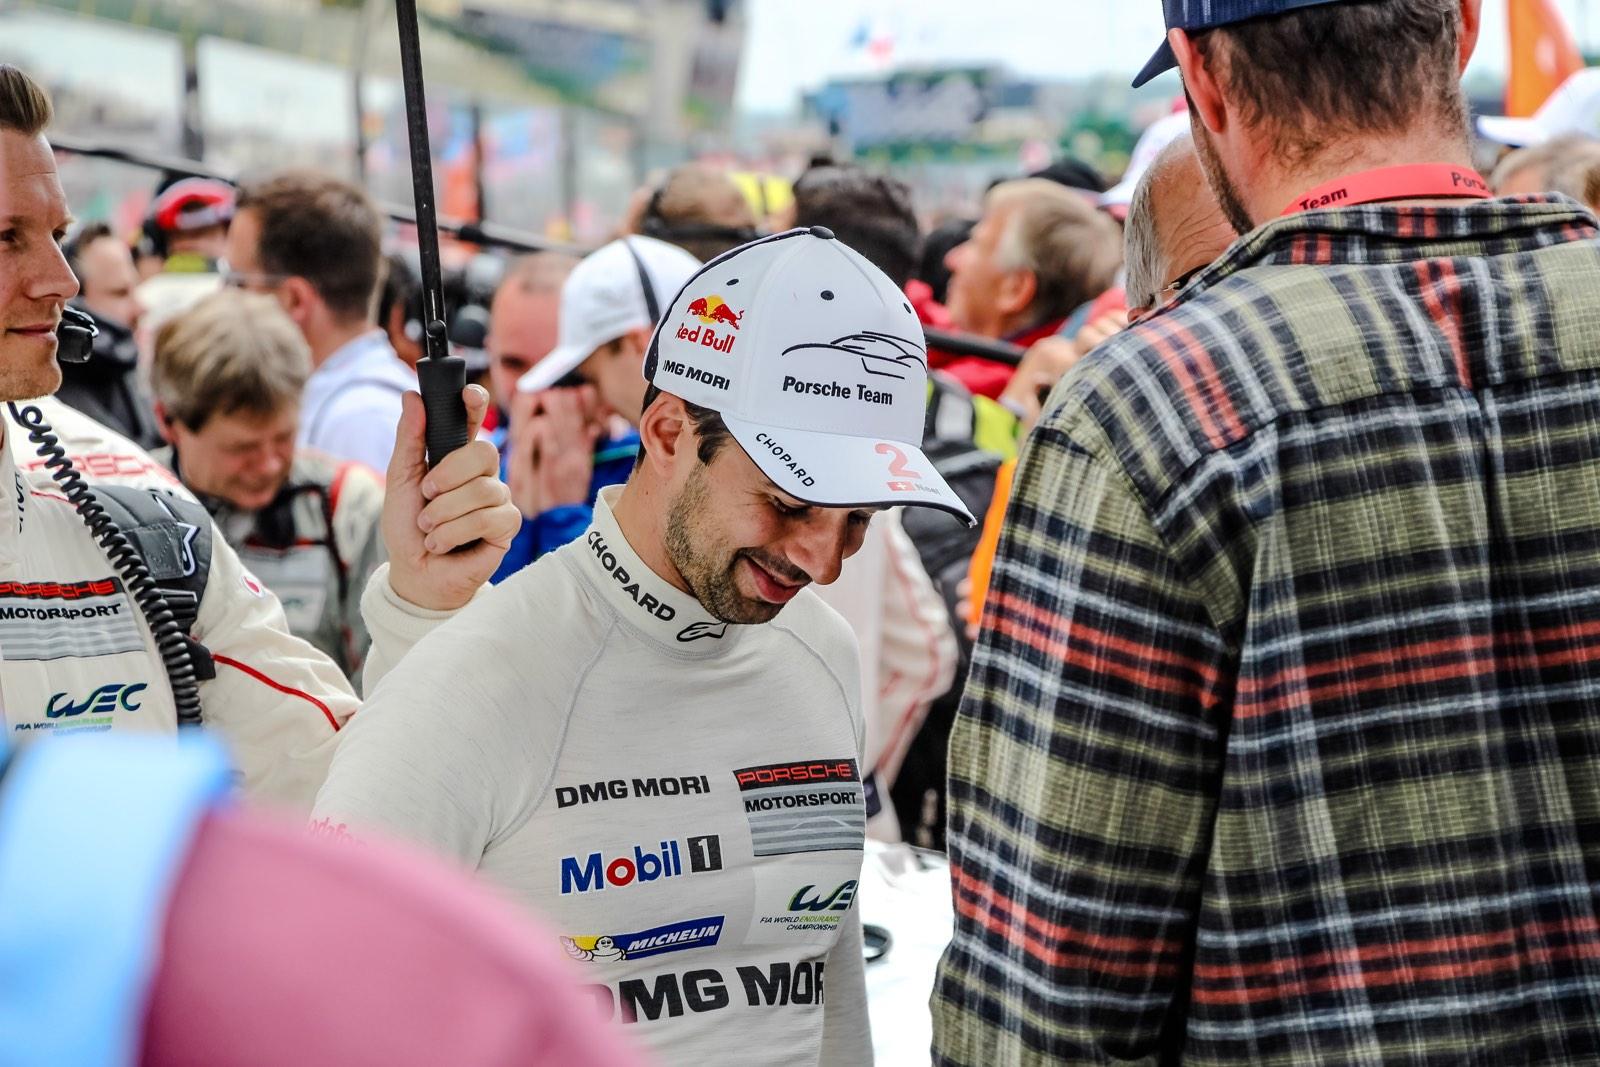 Le Mans Grid Walk 2016